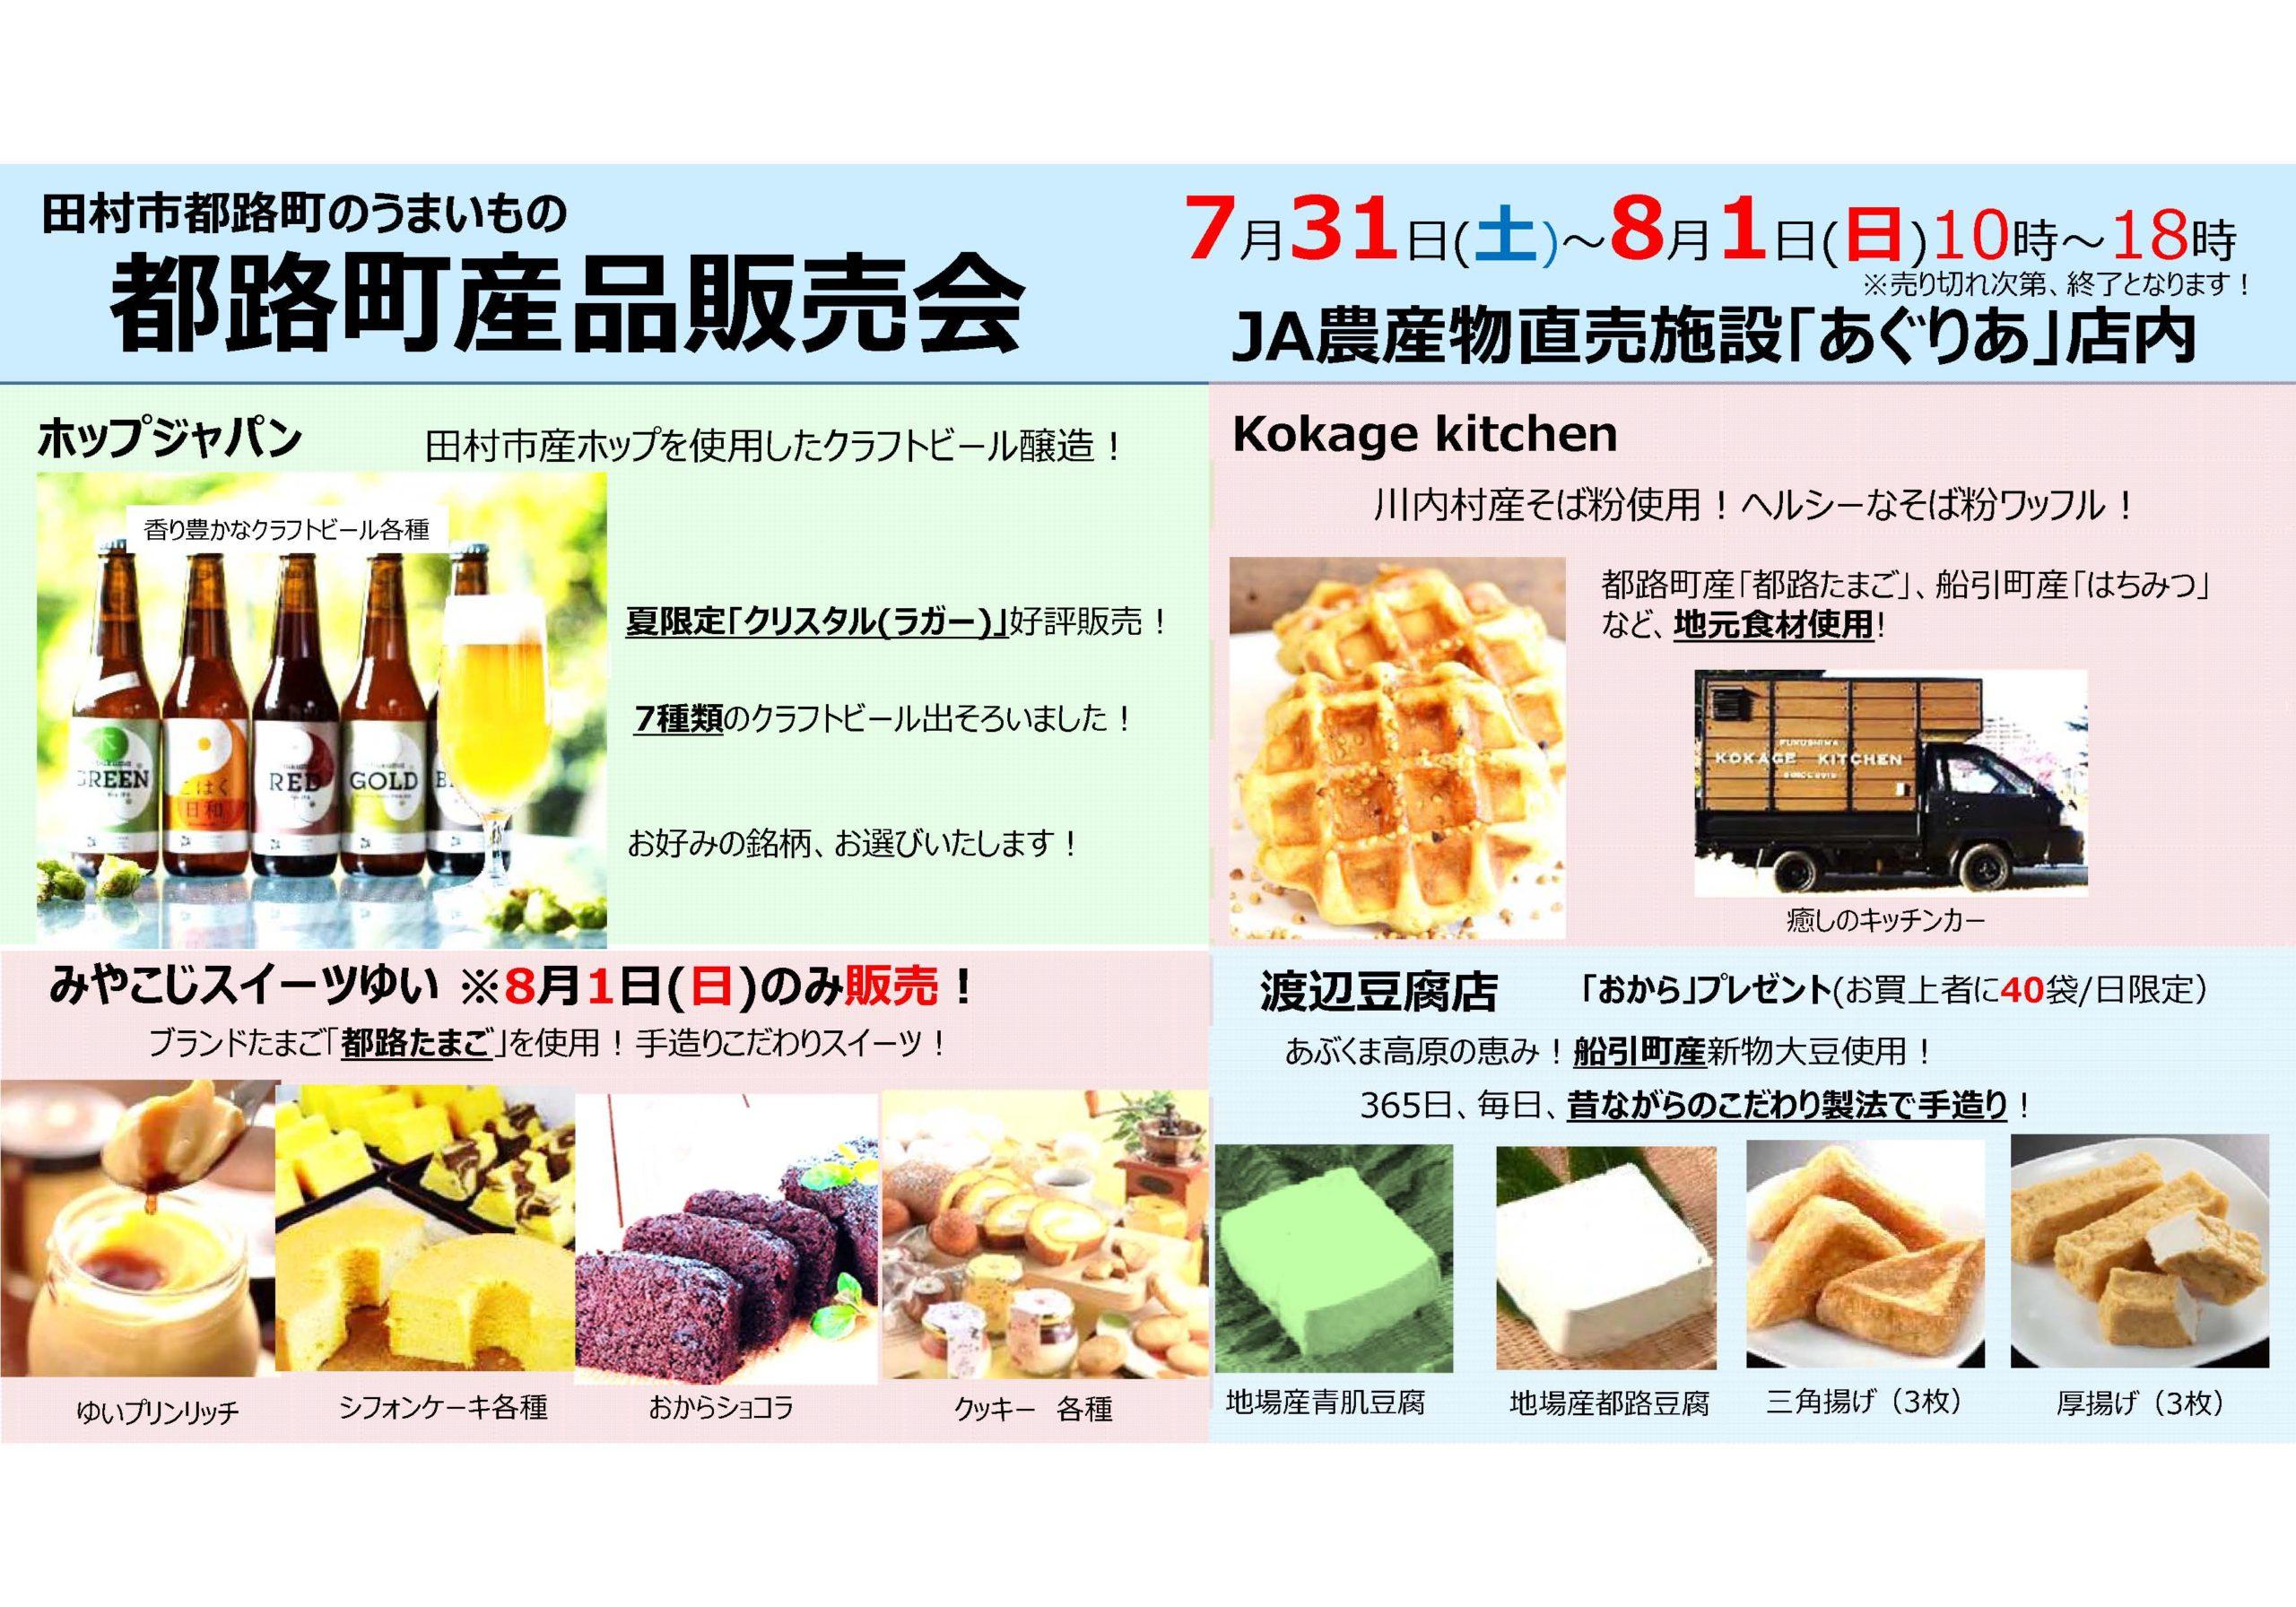 田村市都路町産品販売会◆7月31日(土)・8月1日(日)